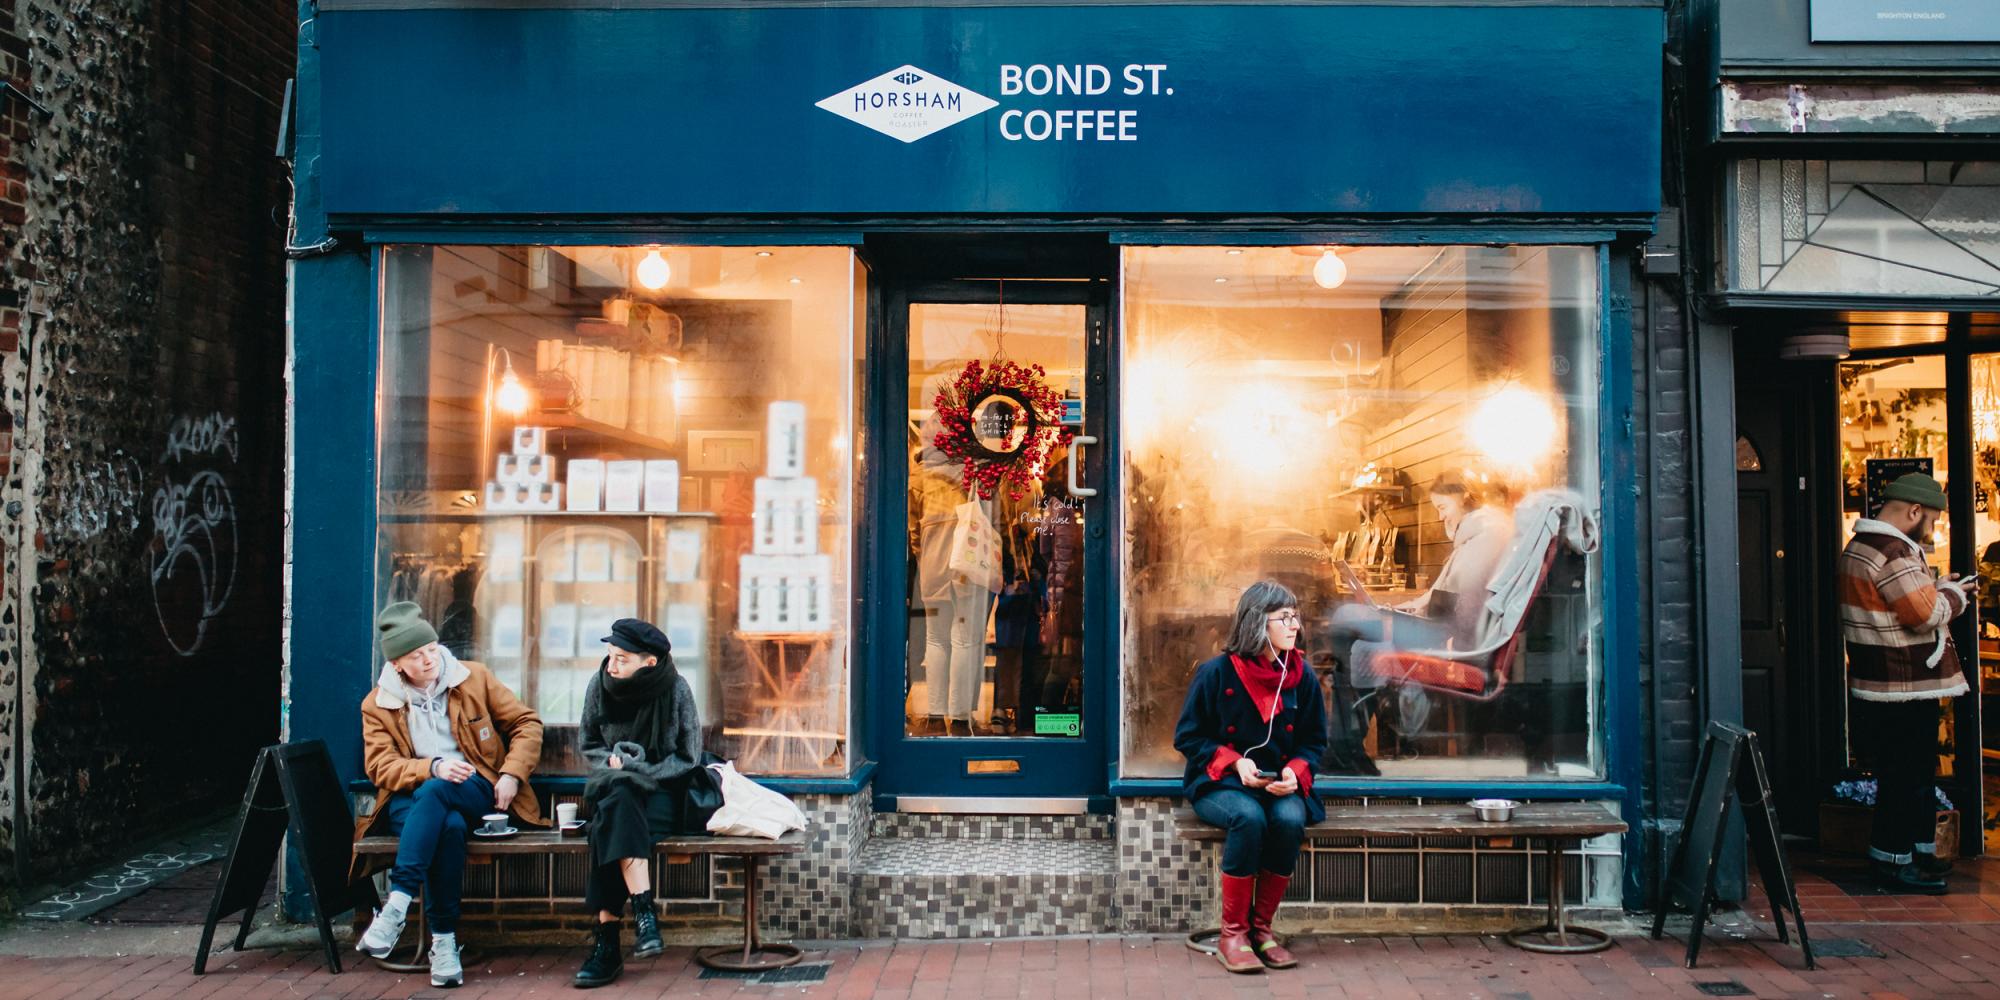 Bond St. Coffee